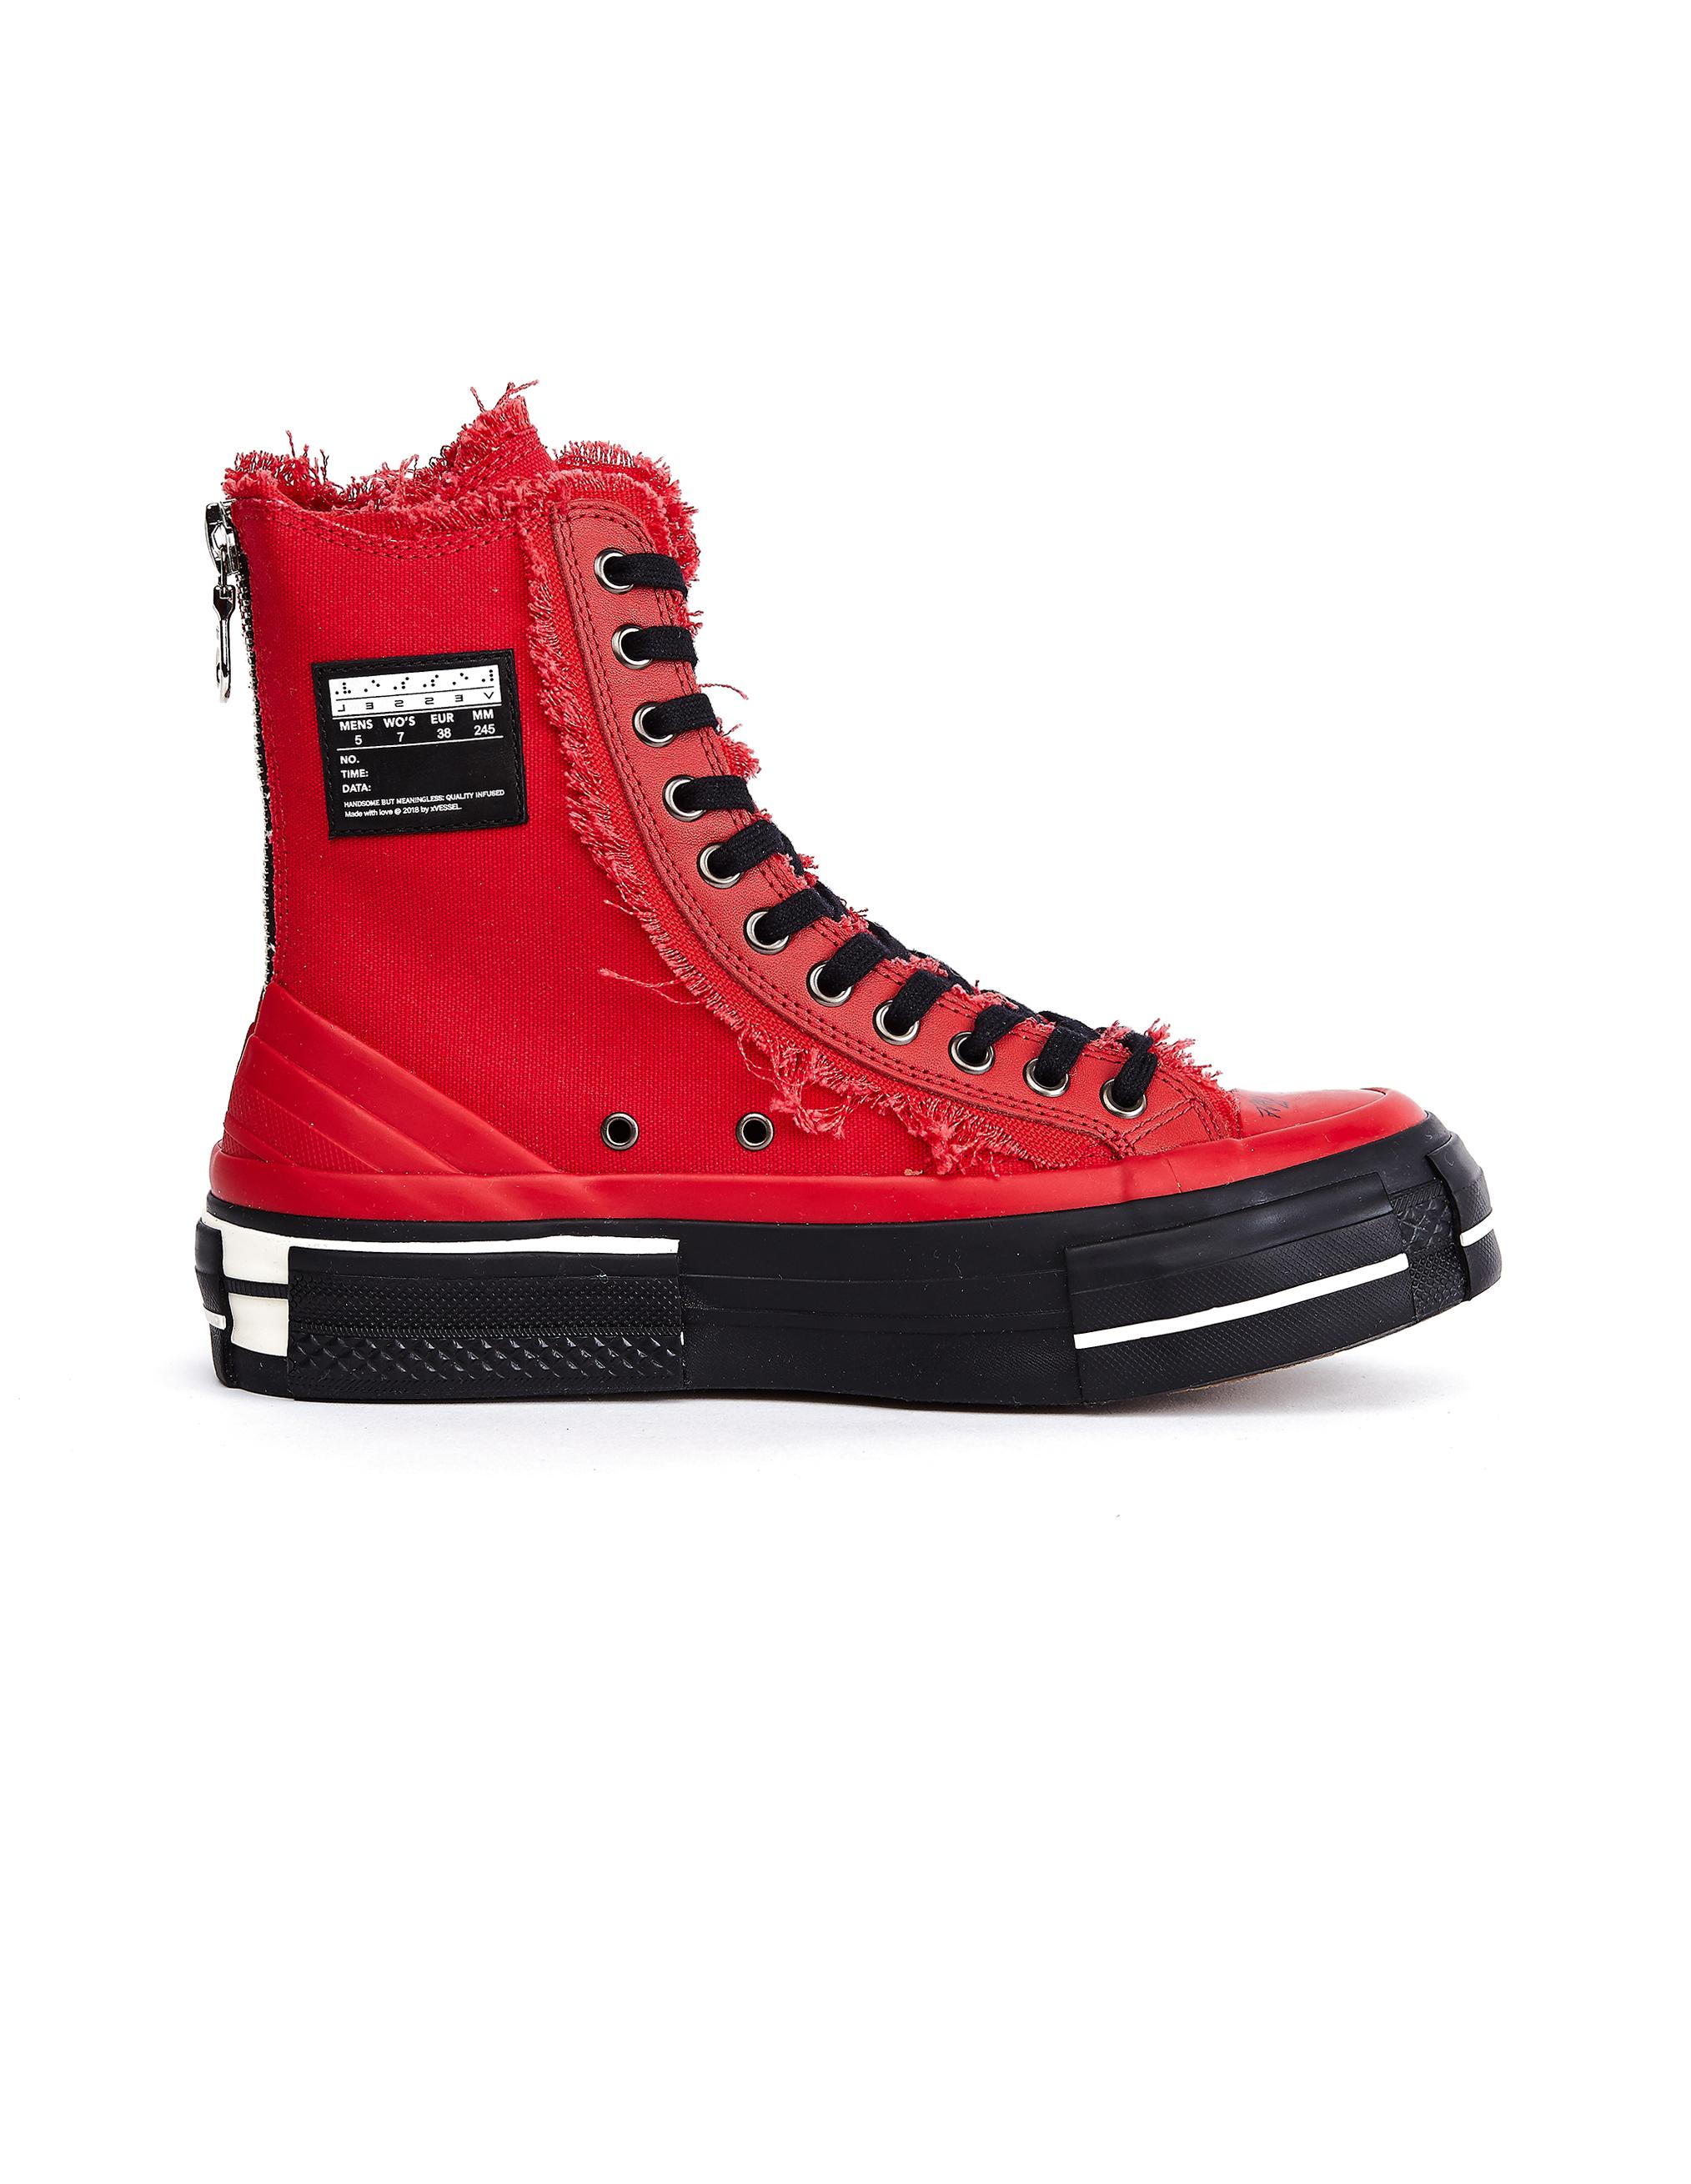 Yohji Yamamoto Red Cotton High Top Sneakers